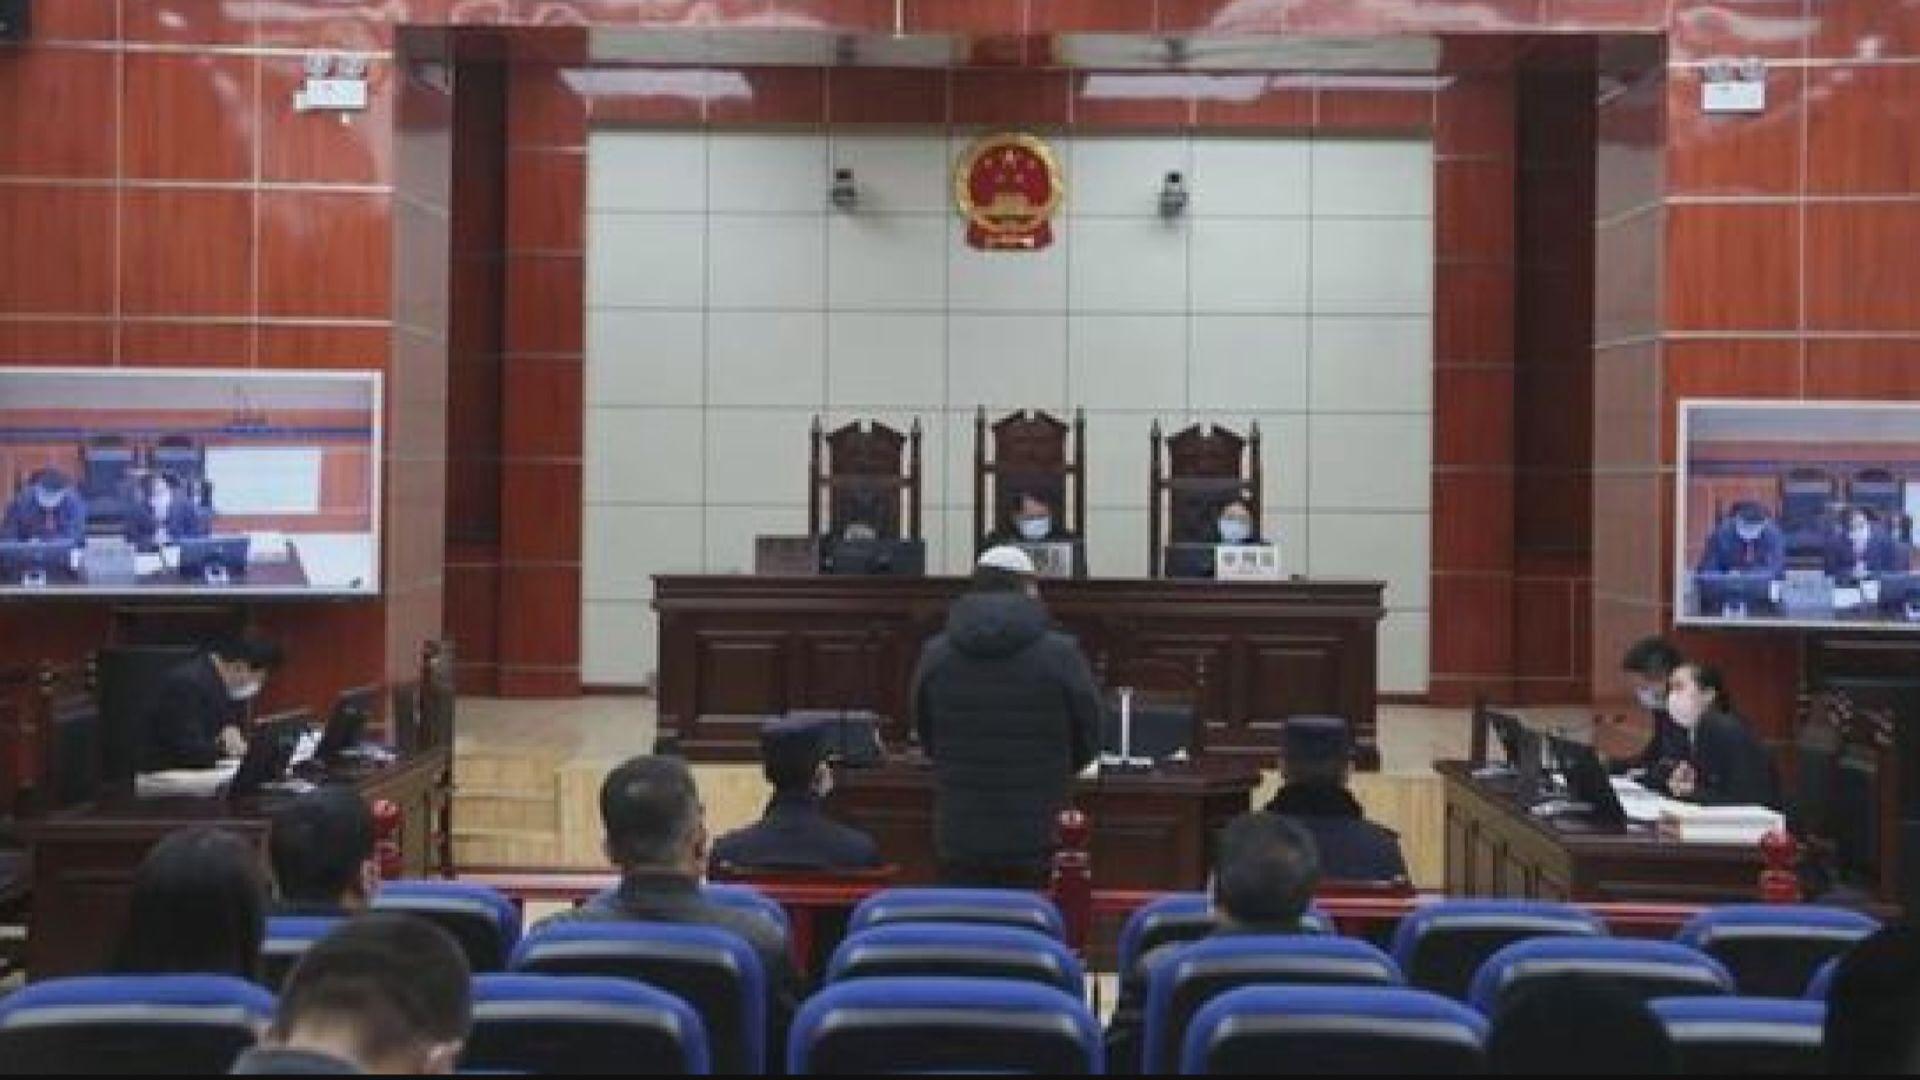 青海男隱瞞病徵和由武漢回鄉累九百人要隔離 判監一年